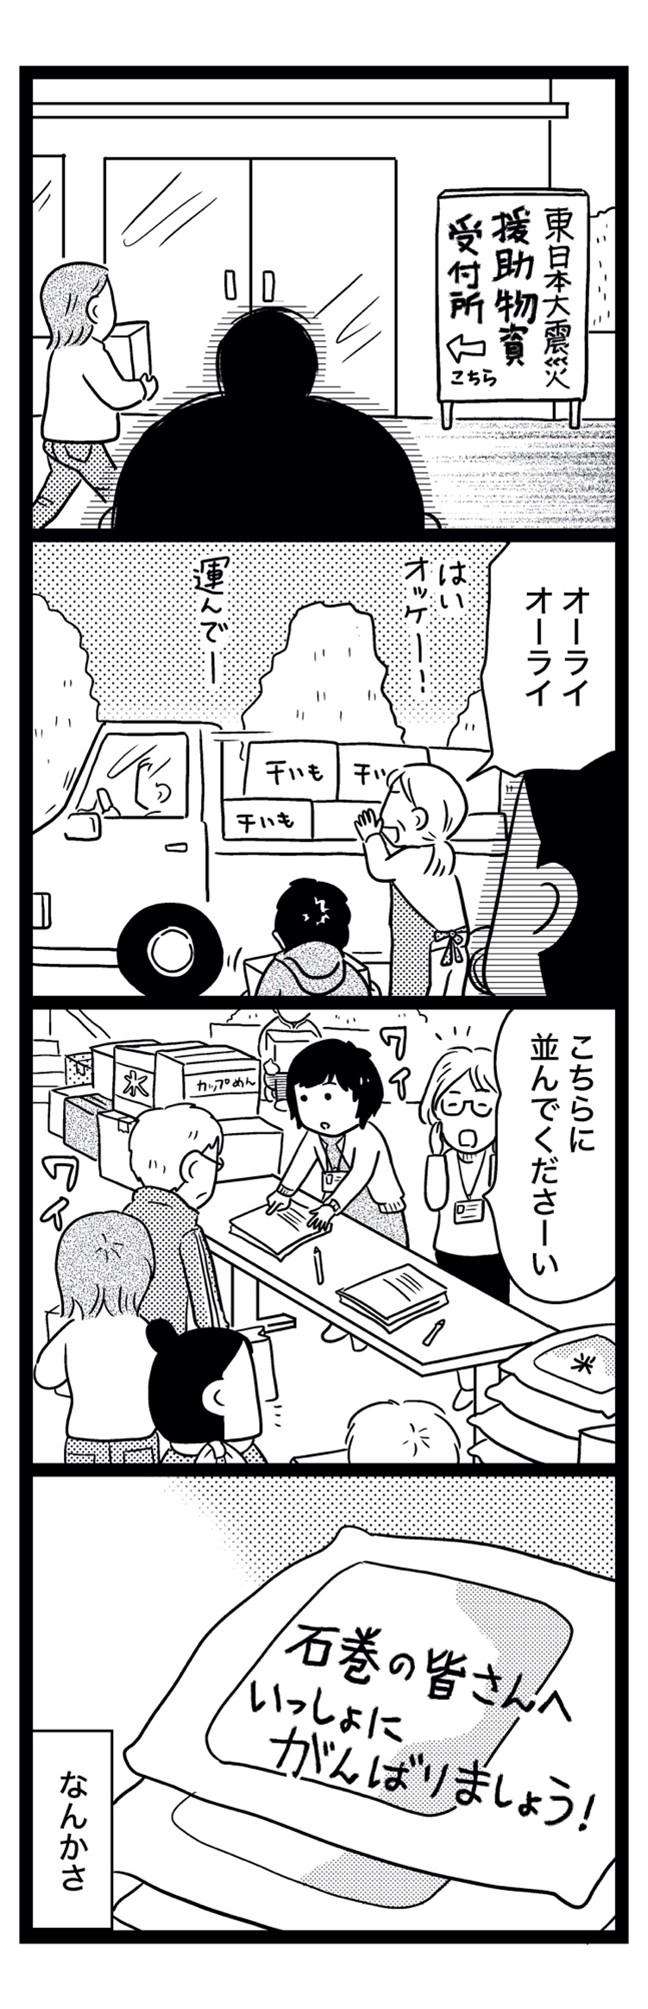 sinsai8-6